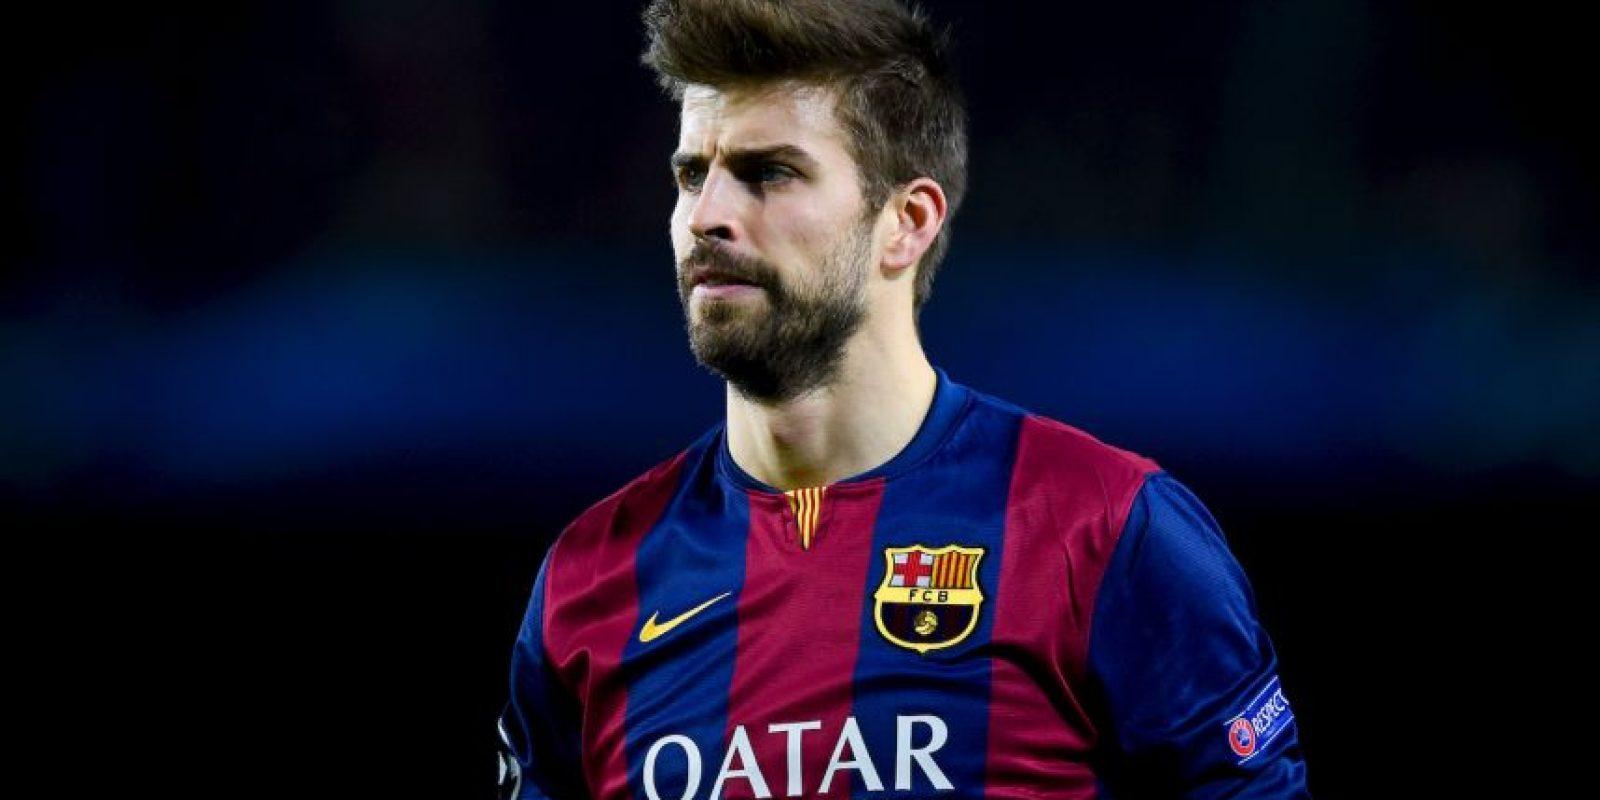 Con el Barça ha ganado cuatro ligas, dos Copa del Rey, cuatro Supercopa de España, dos Champions League y dos Mundiales de Clubes, entre otros logros. Foto:Getty Images